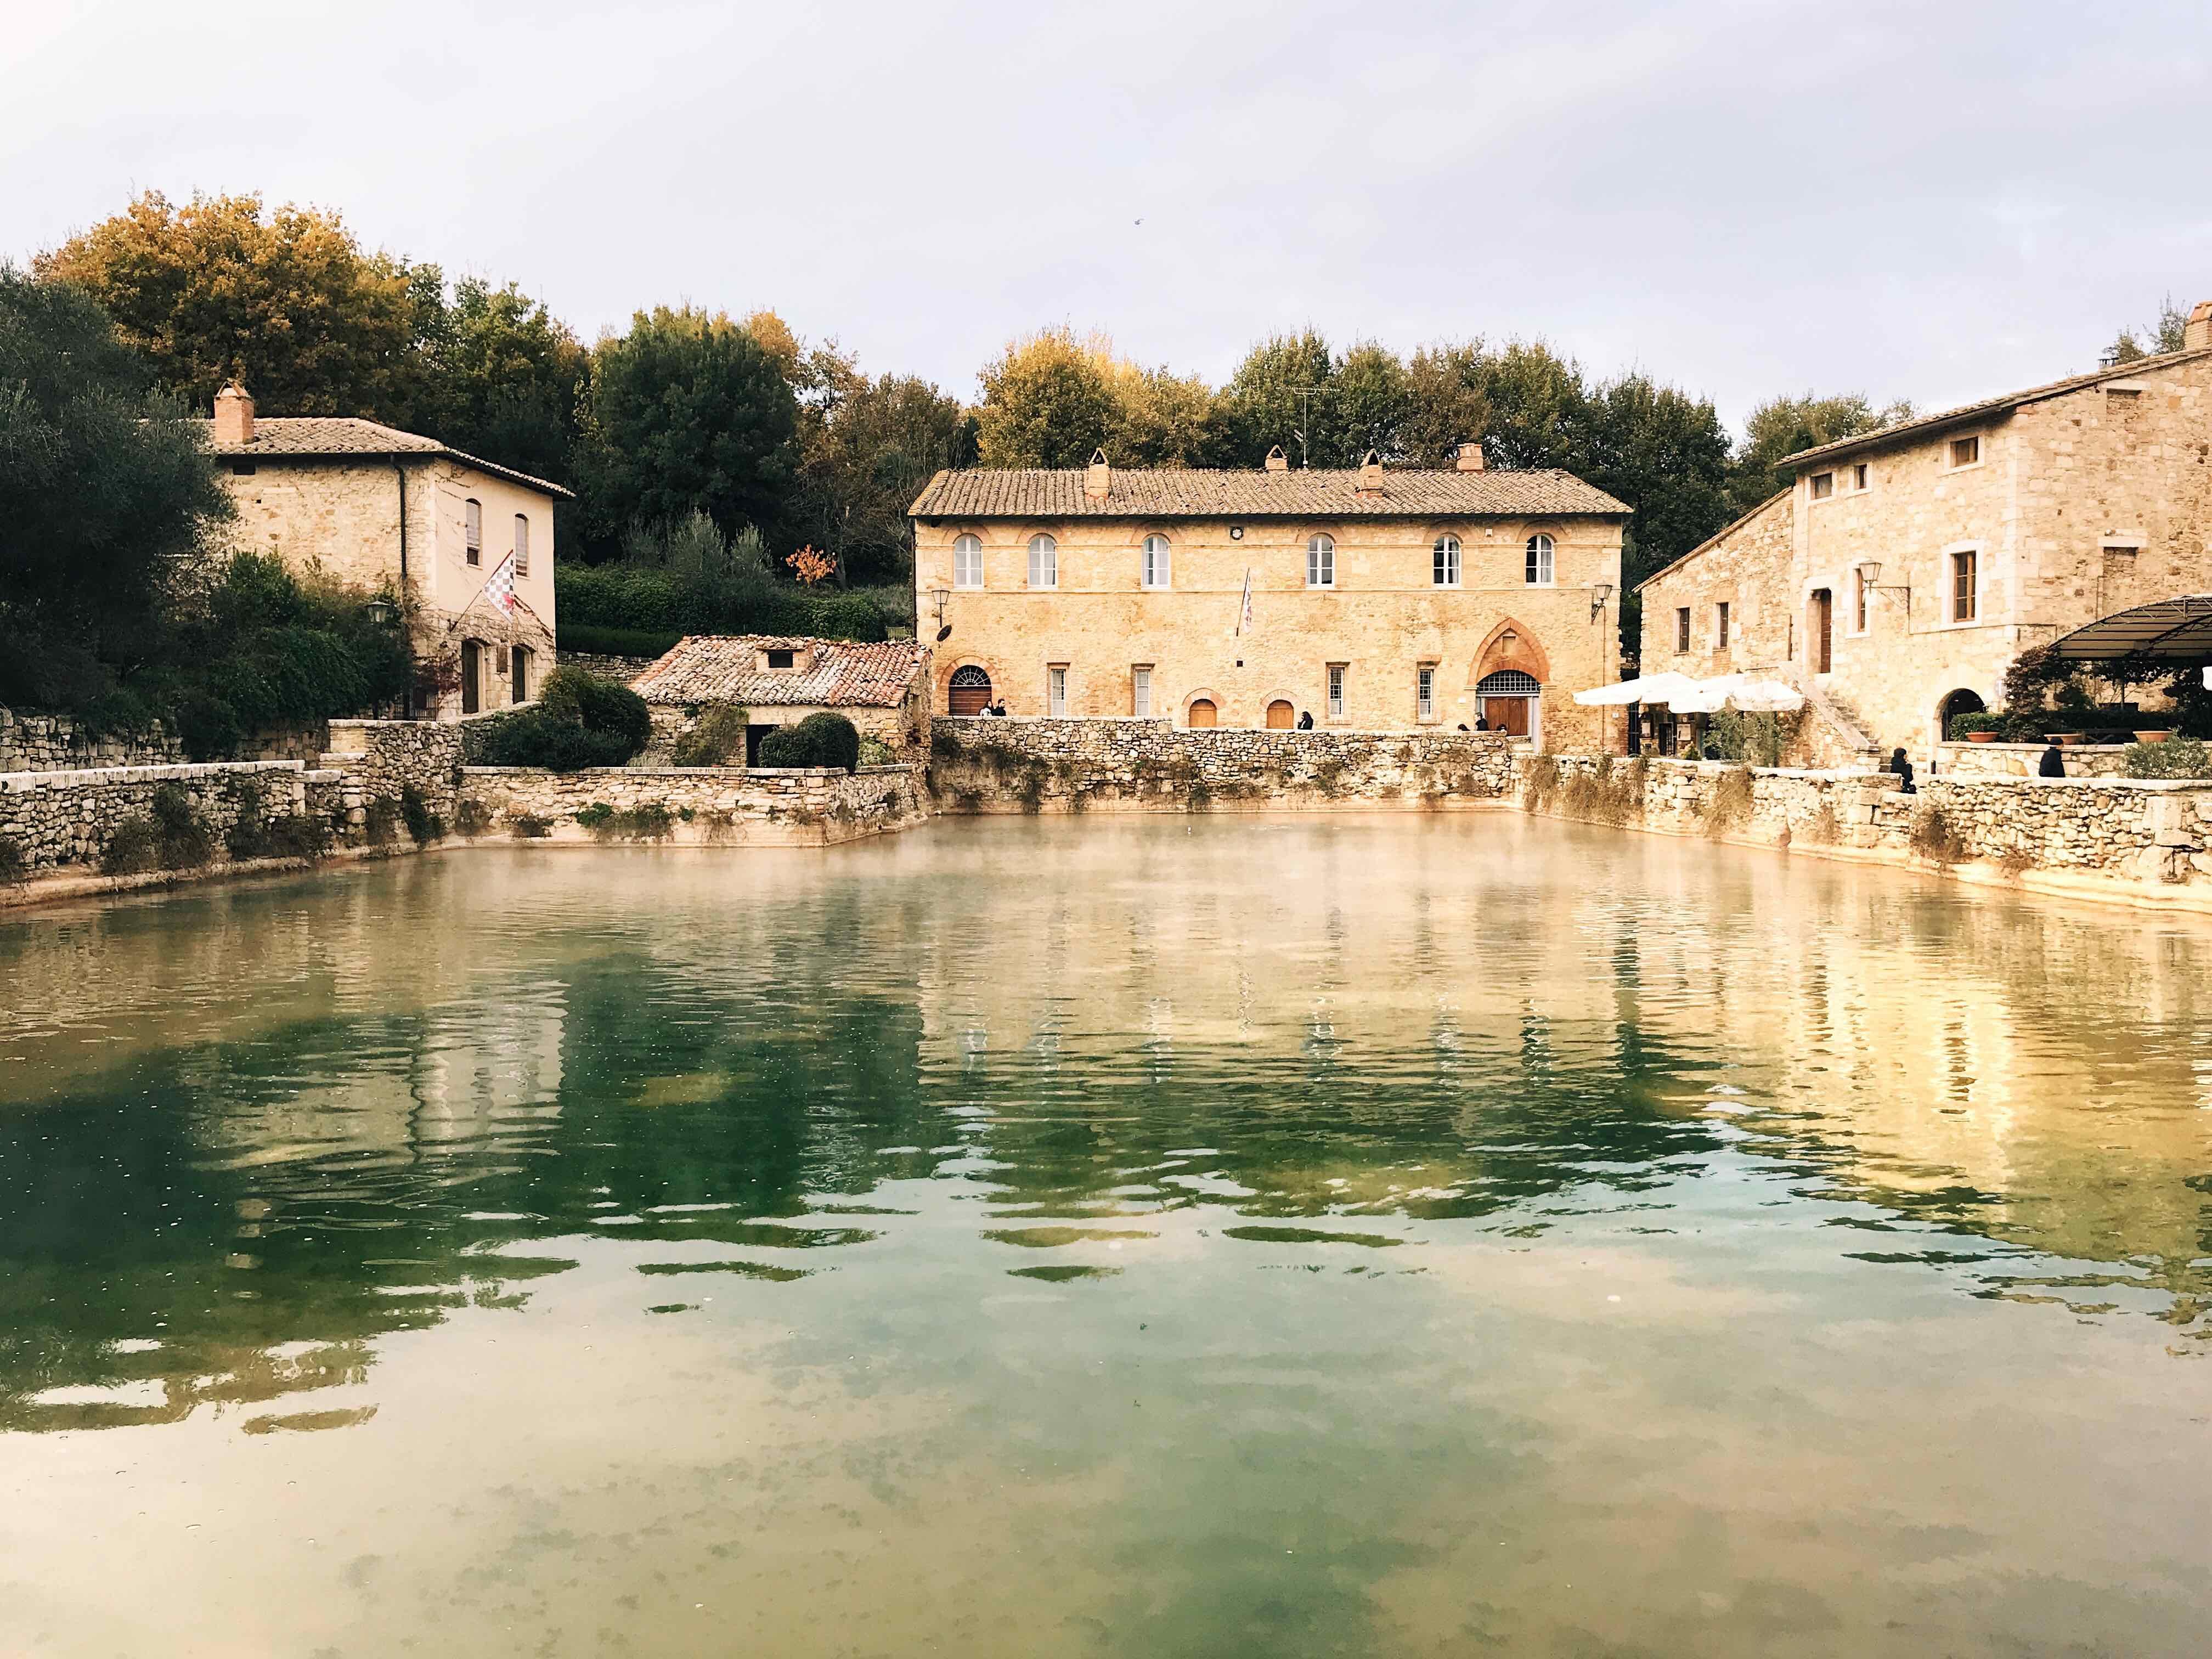 Da siena alla val d 39 orcia itinerario tra i luoghi pi belli della toscana anna scrigni - Distanza da siena a bagno vignoni ...